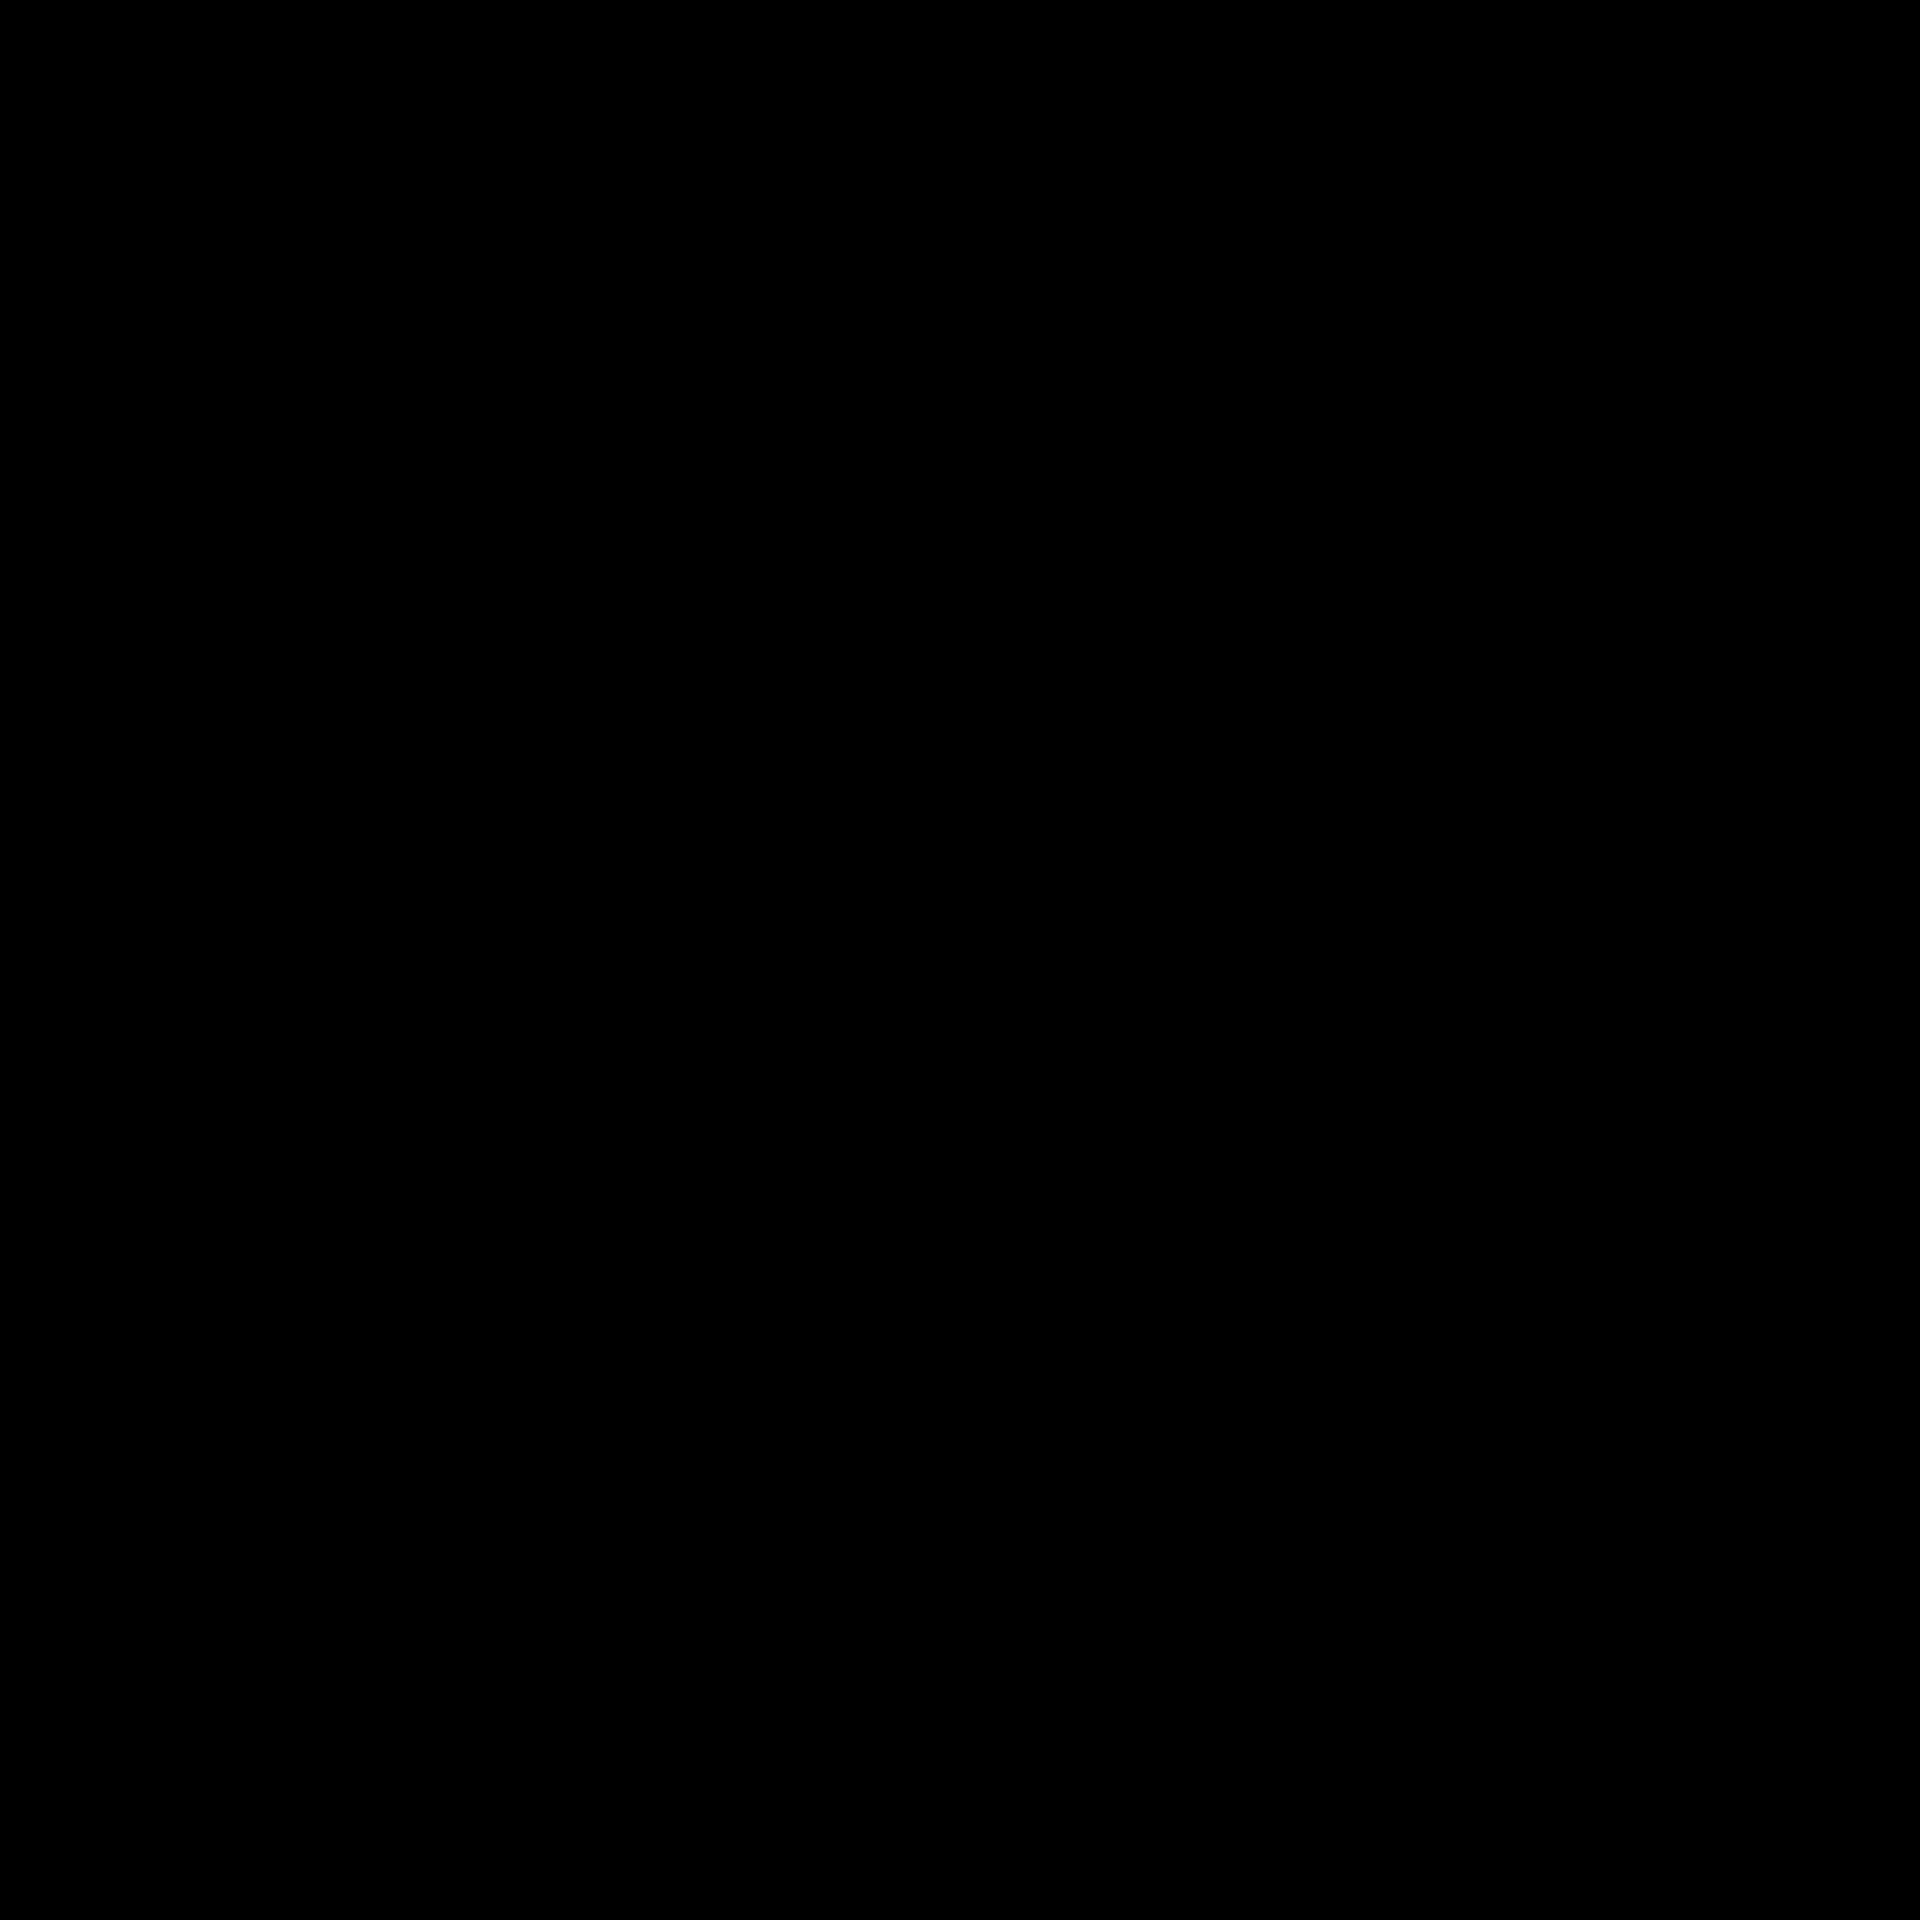 RAKAUSBYBIOCIDE